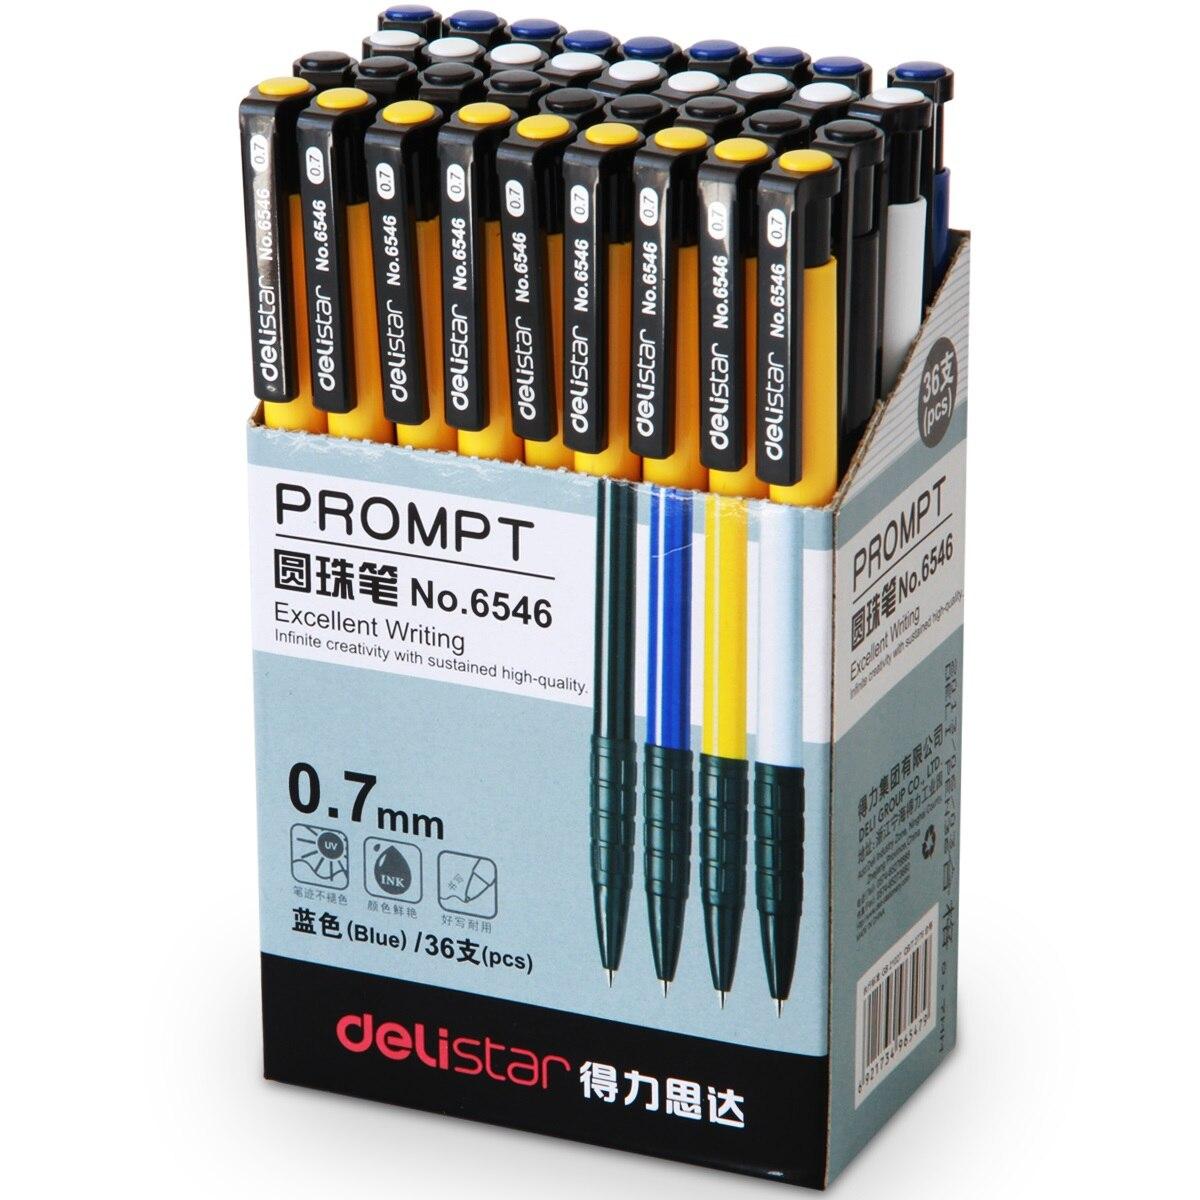 QSHOIC 36 pcs plastic ball pens ballpoint pen office stationery blue ballpoint pen click office stationery china wholesale pen